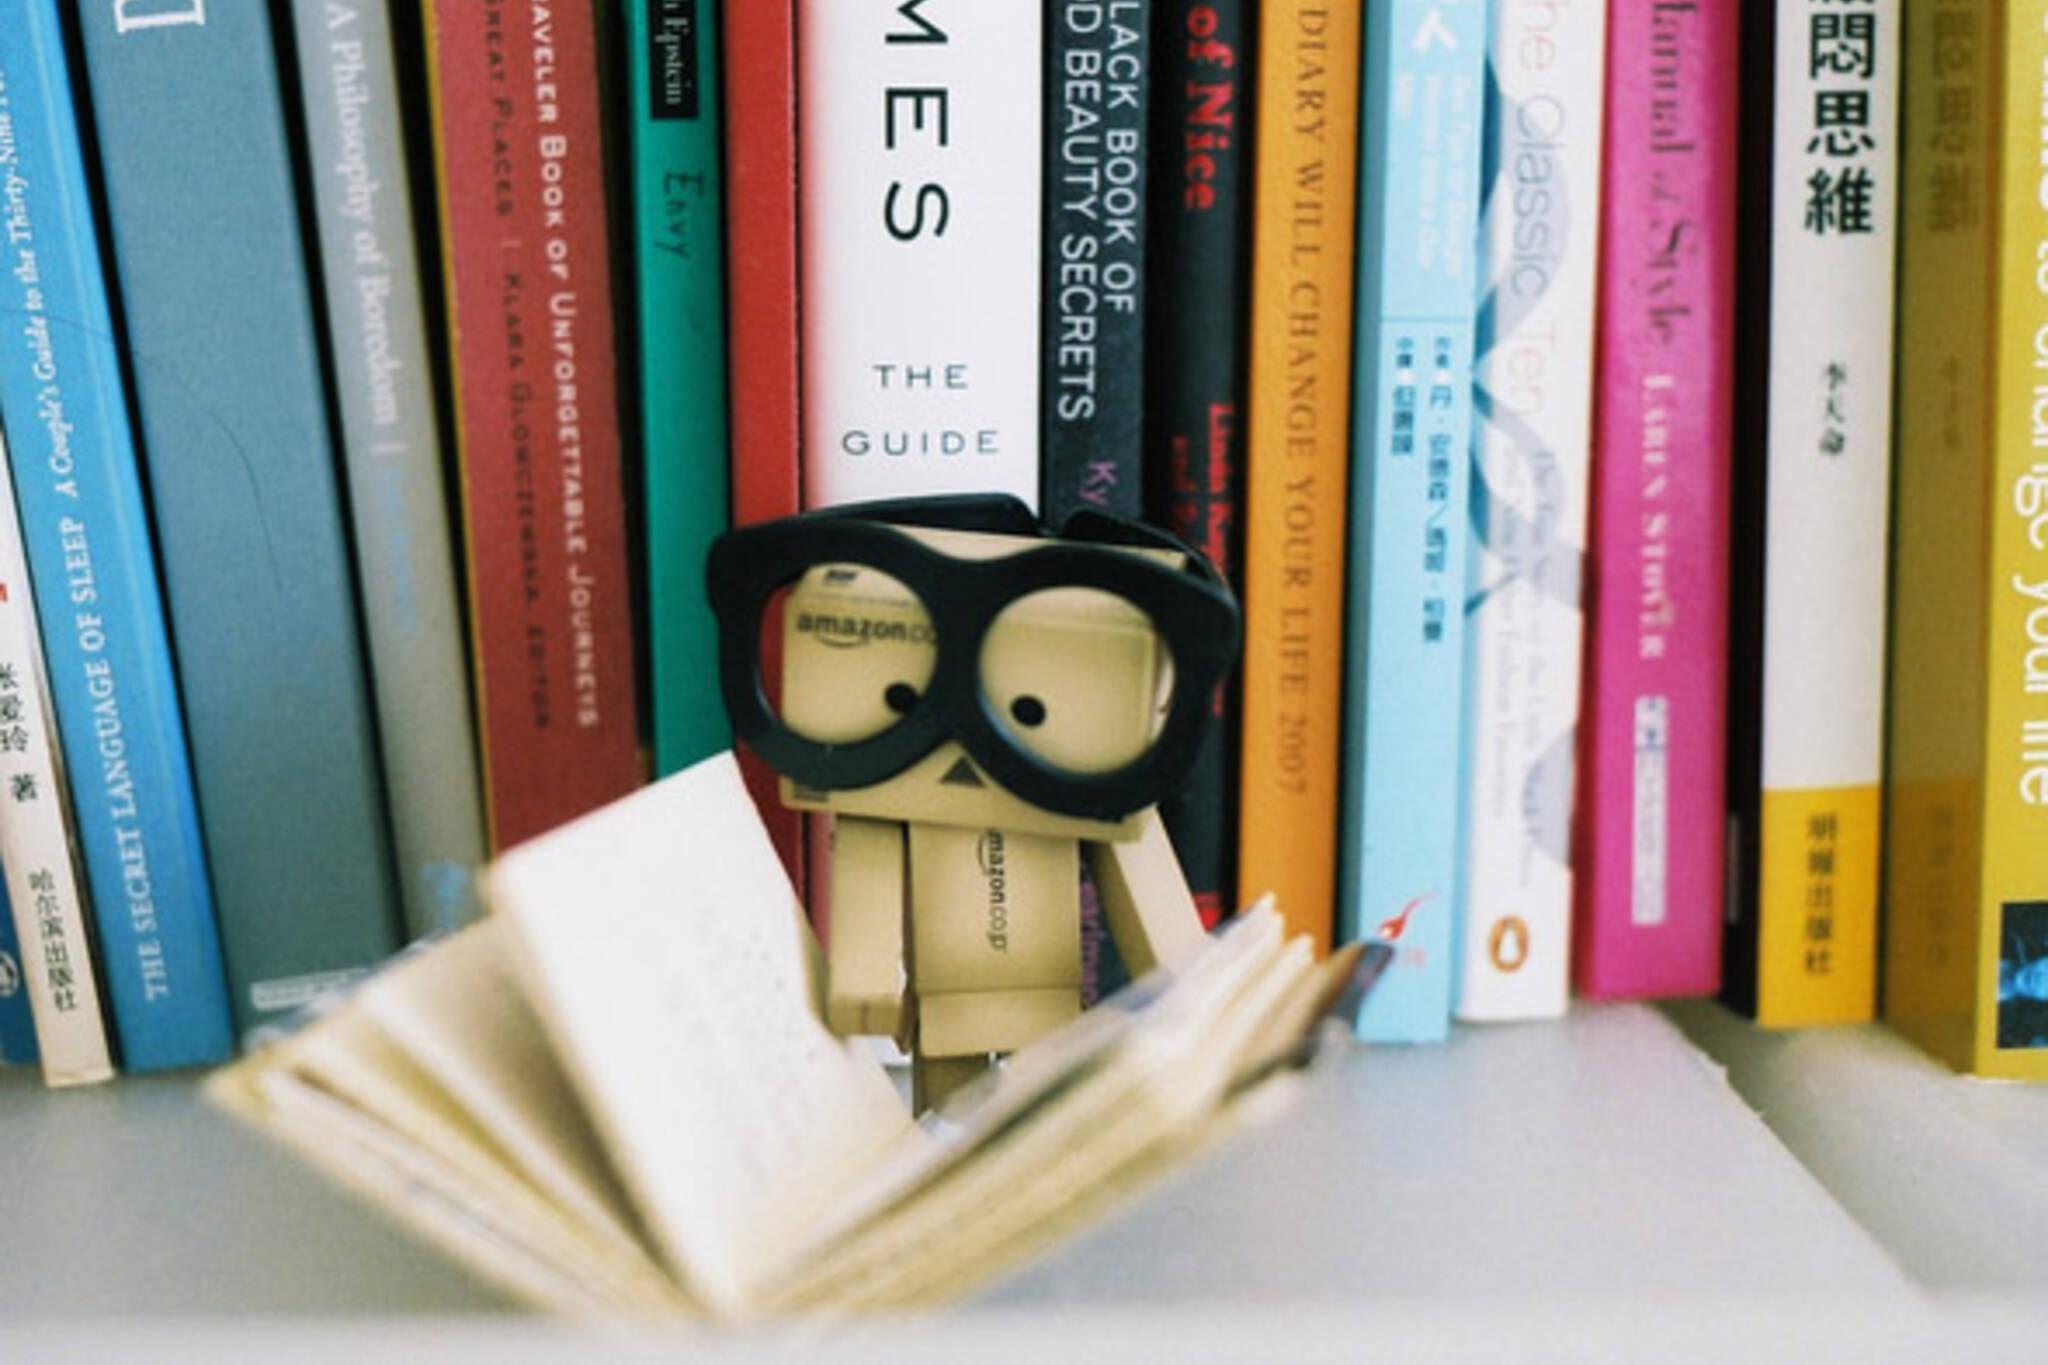 International Authors Festival Danbo